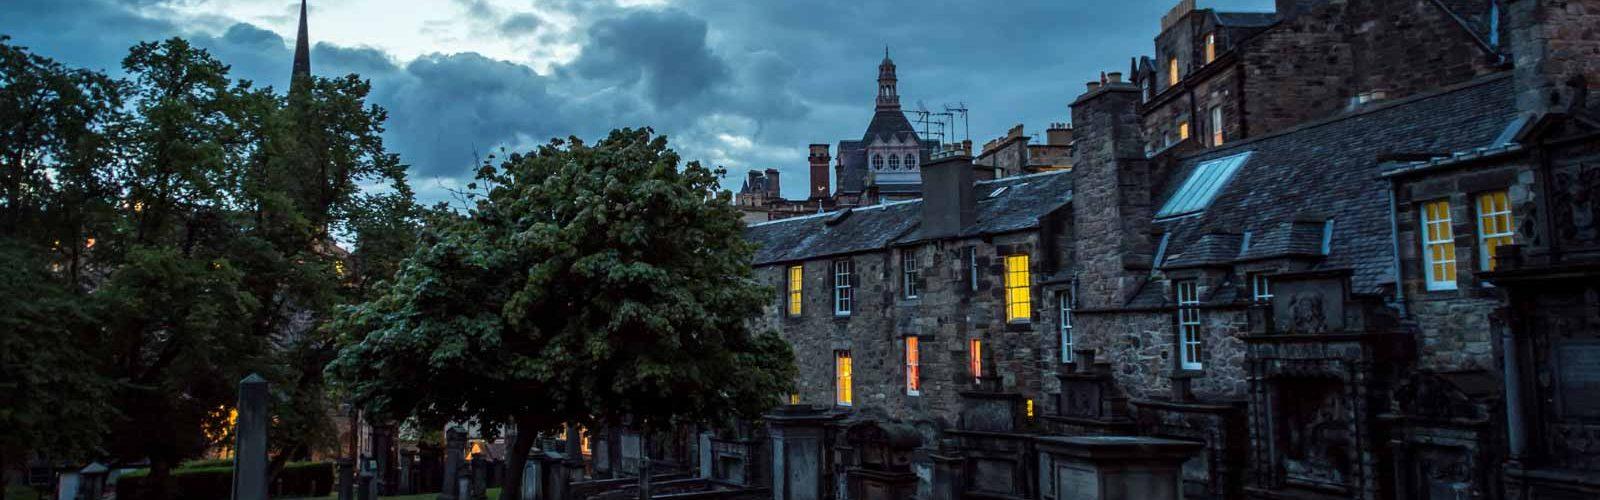 Greyfriars Kirkyard at night